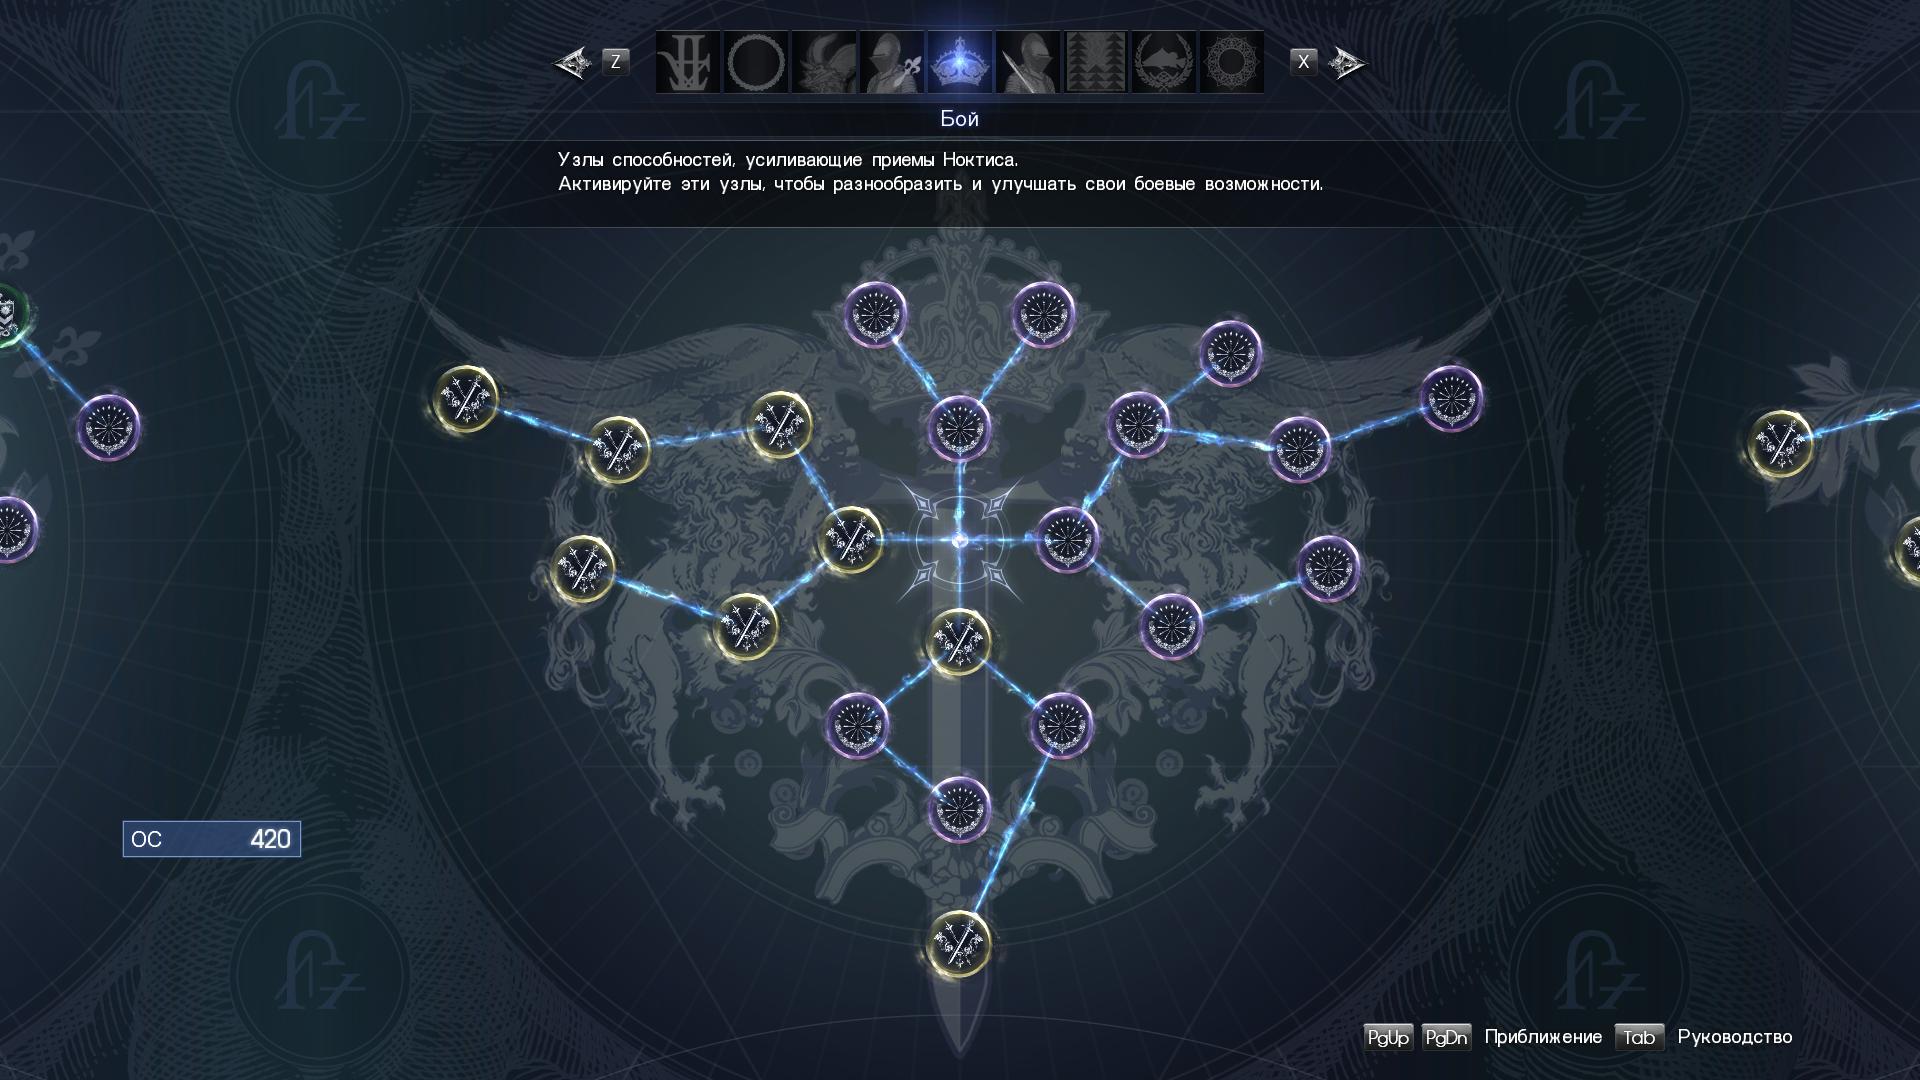 Астральная сфера Final Fantasy XV